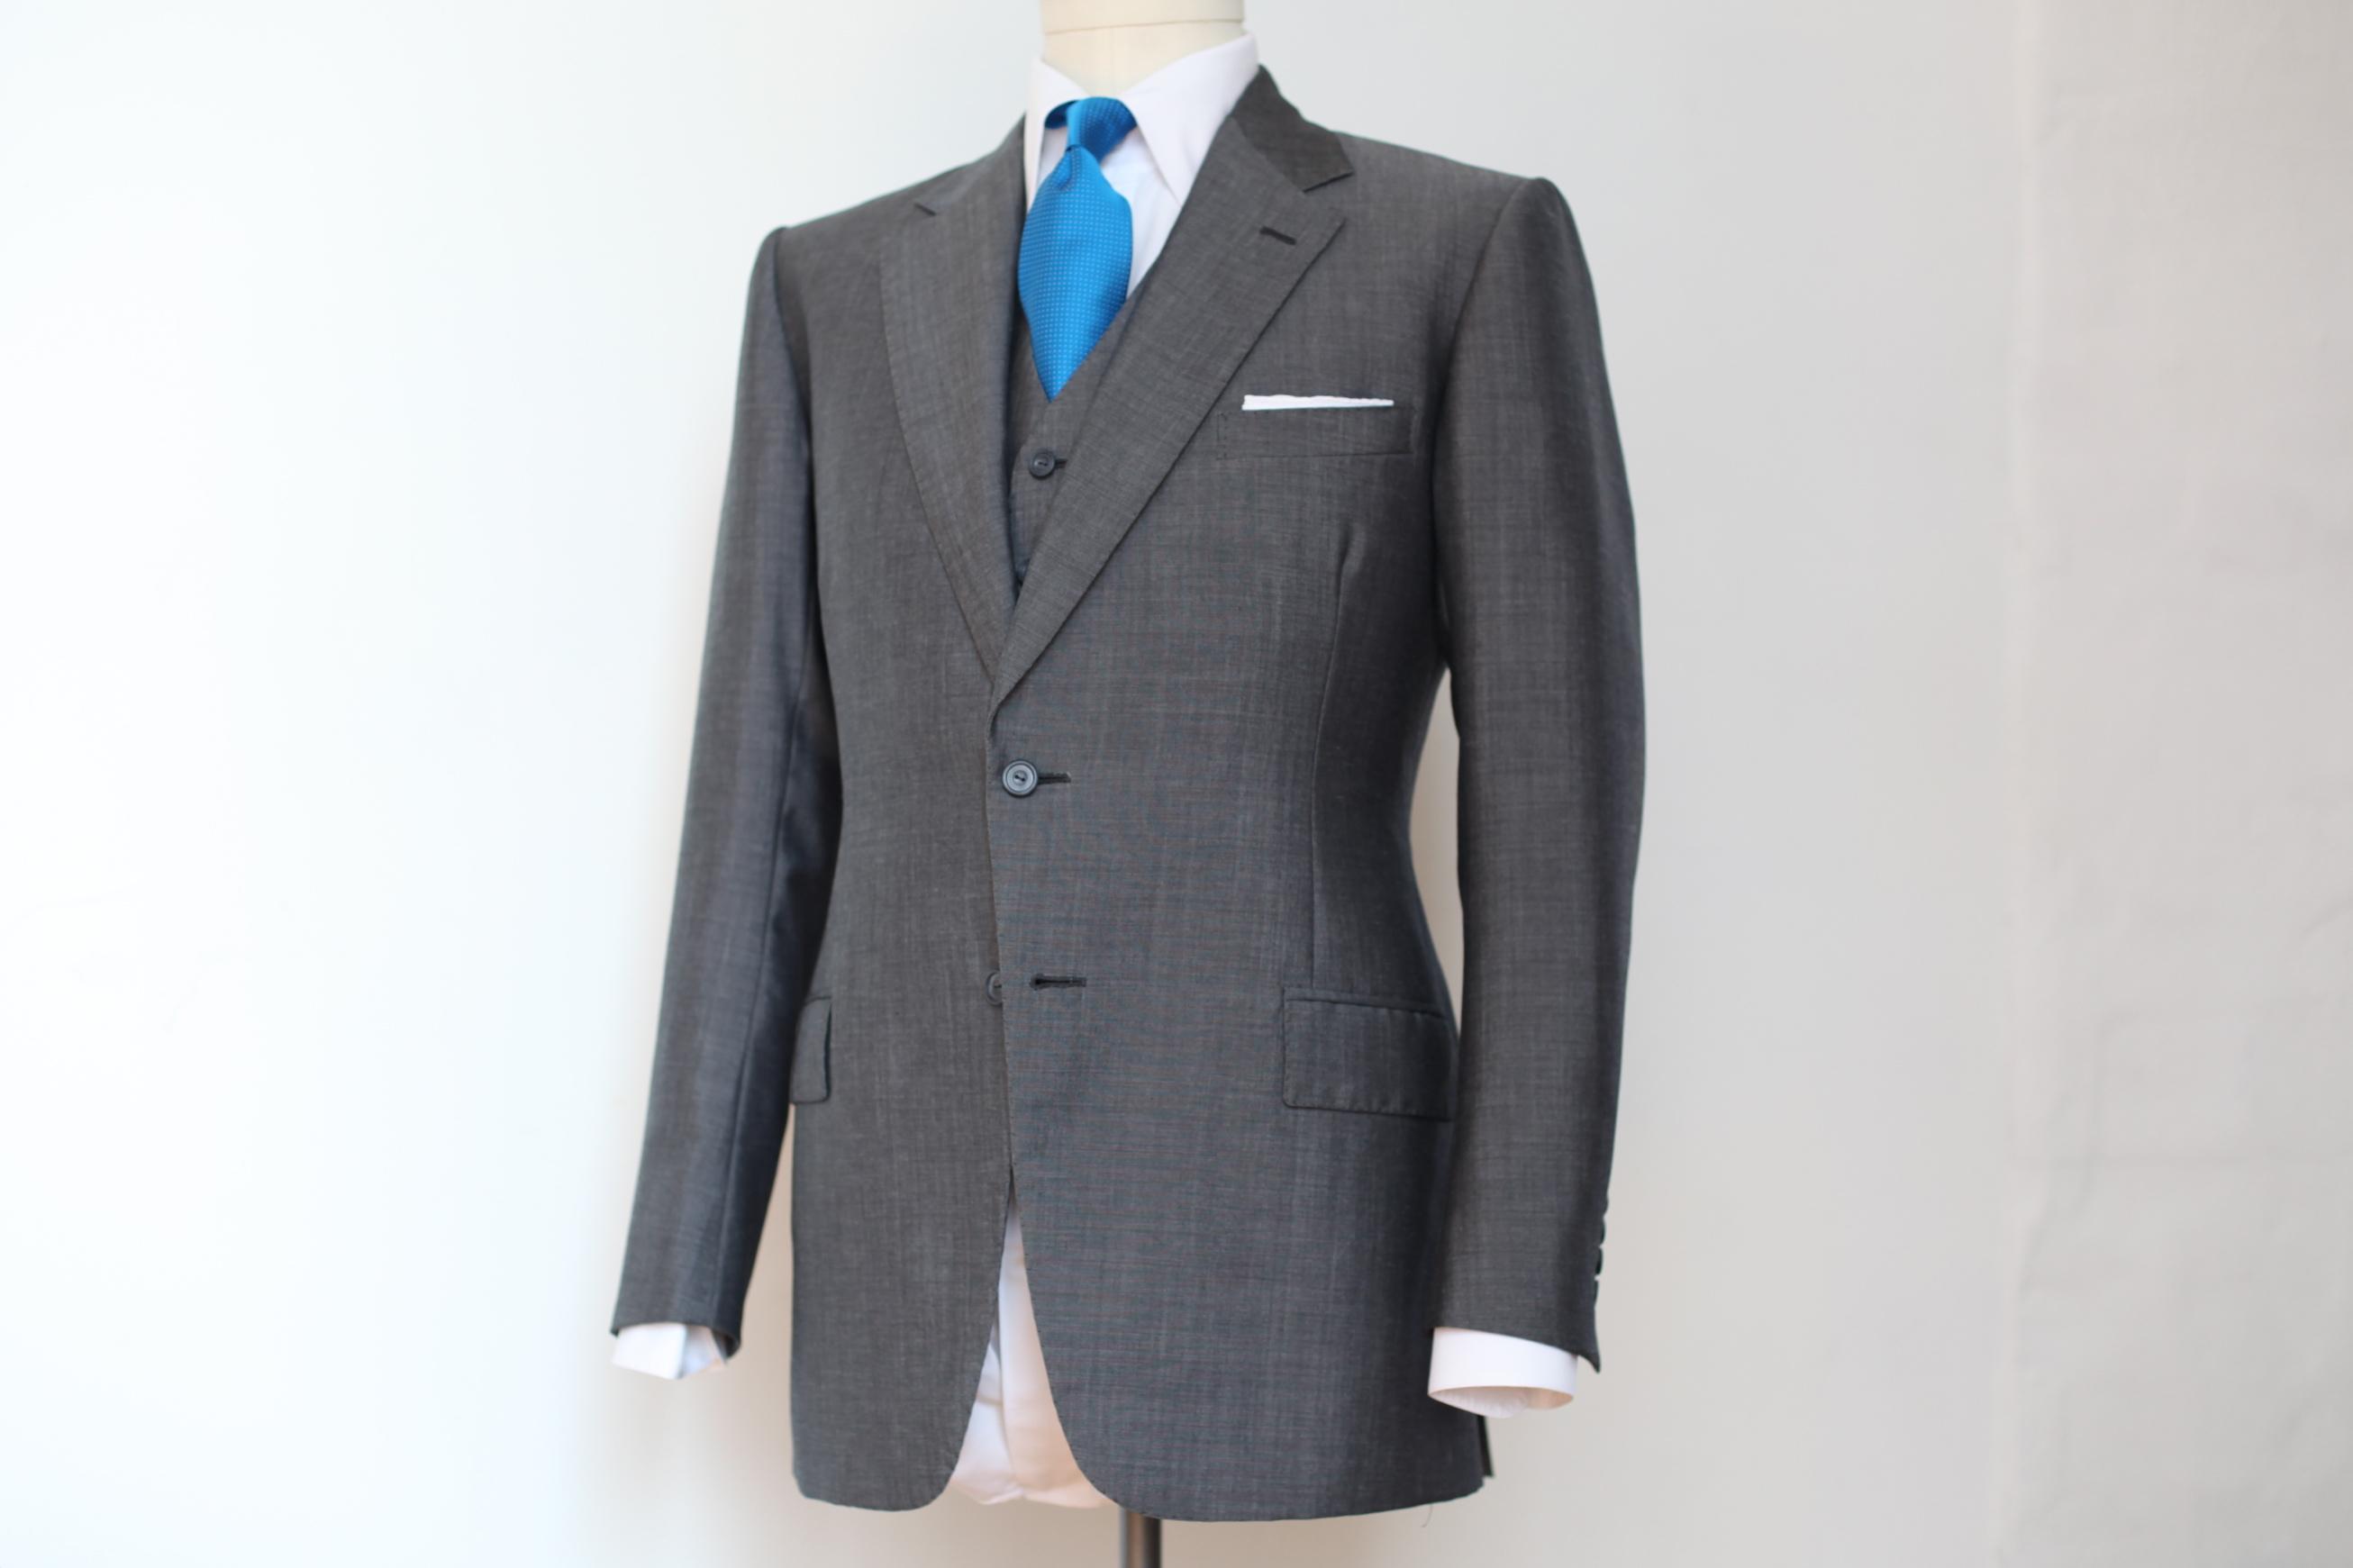 bespoke suits david reeves bespoke suit prsxyuu